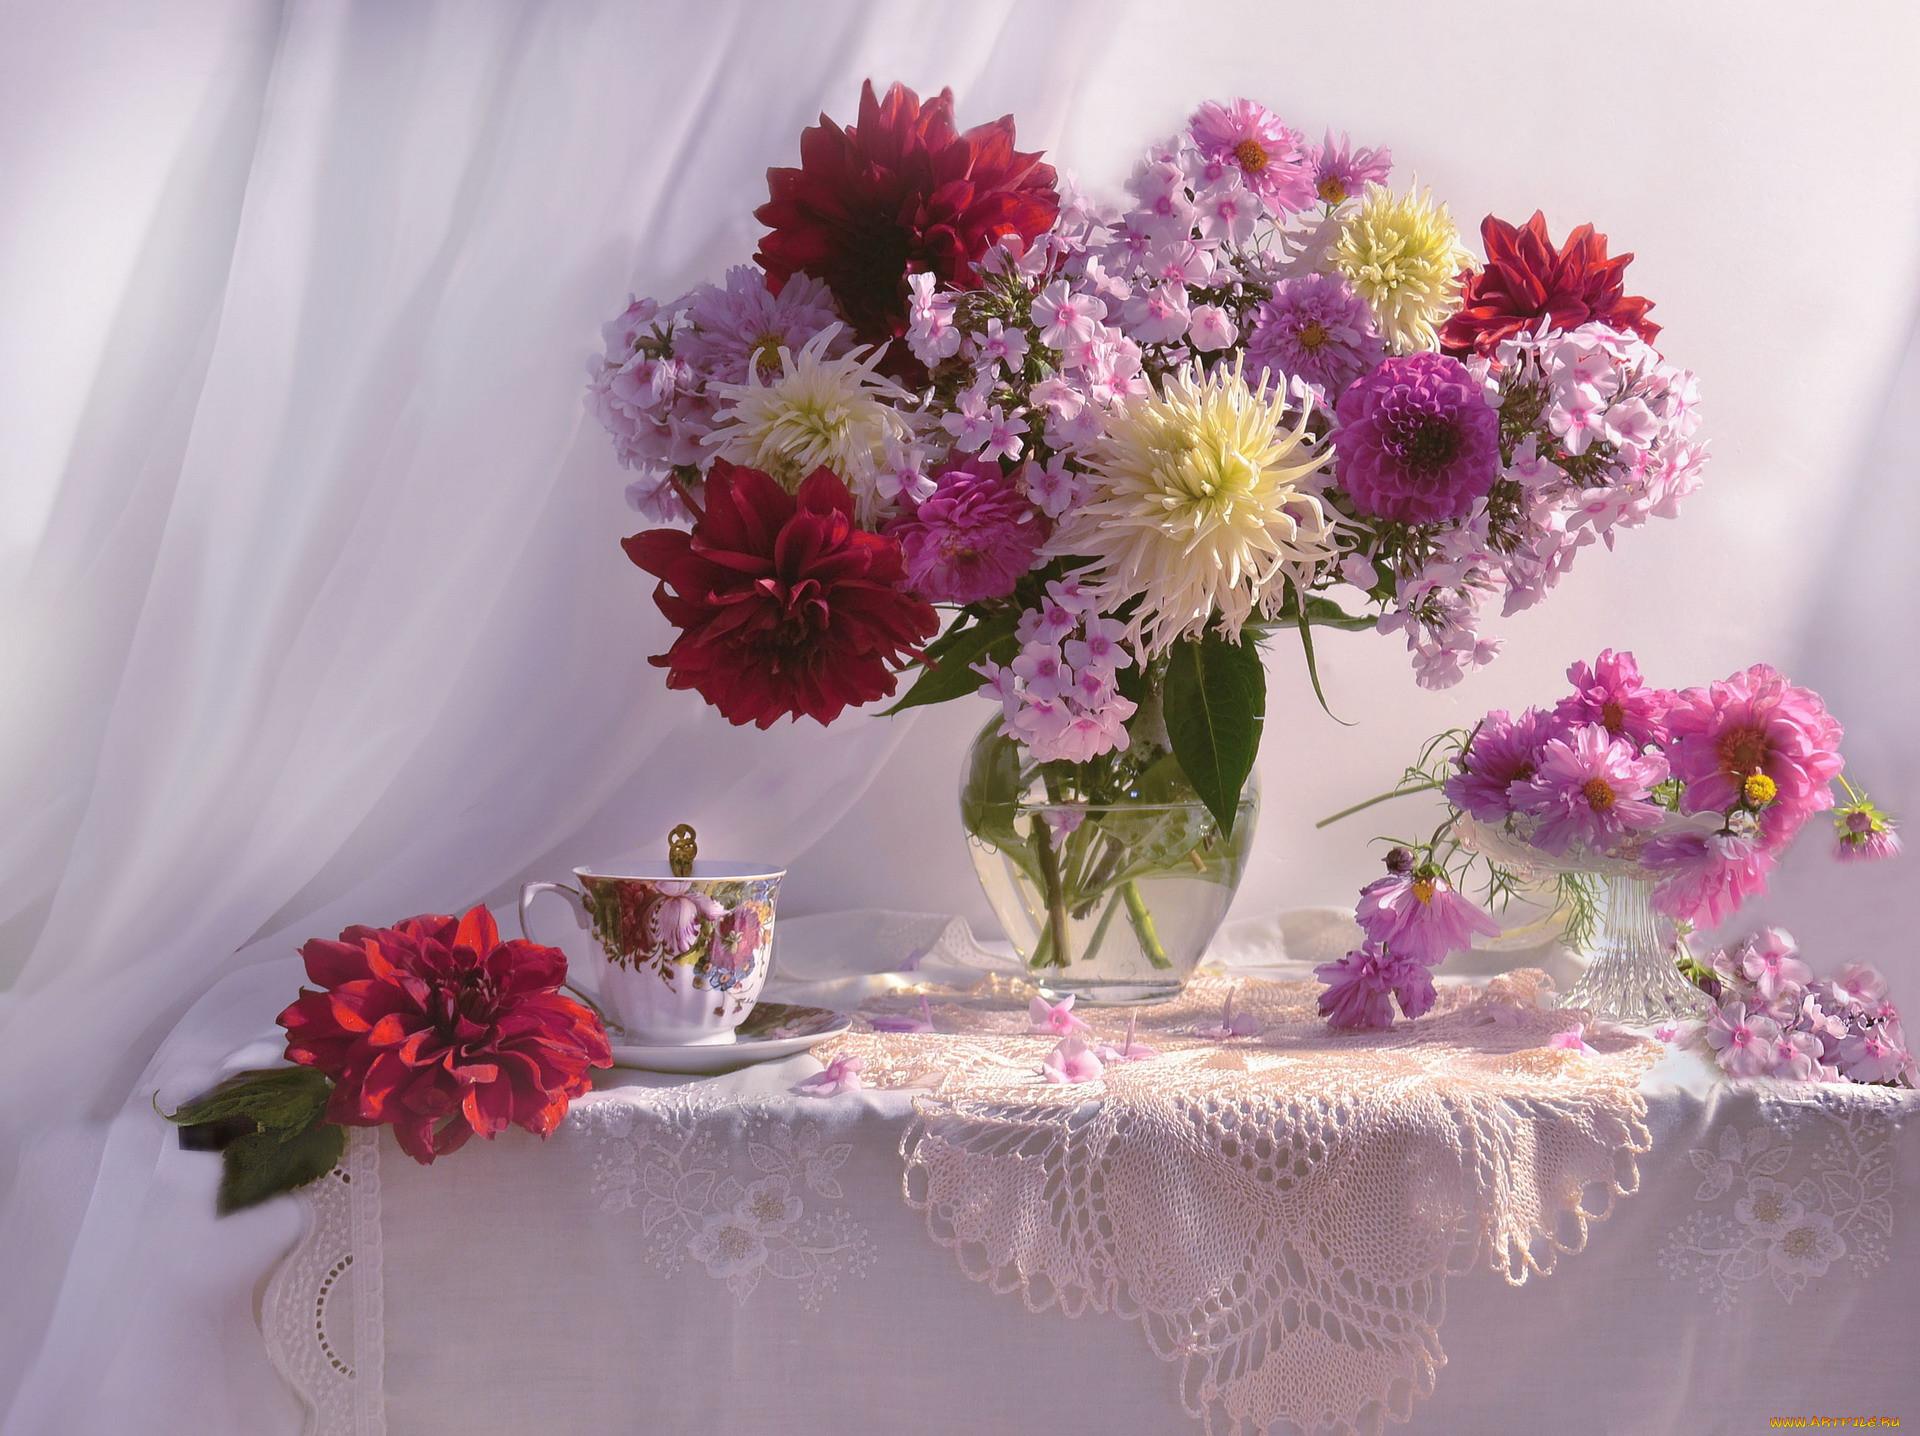 цветы, букеты,  композиции, флоксы, георгины